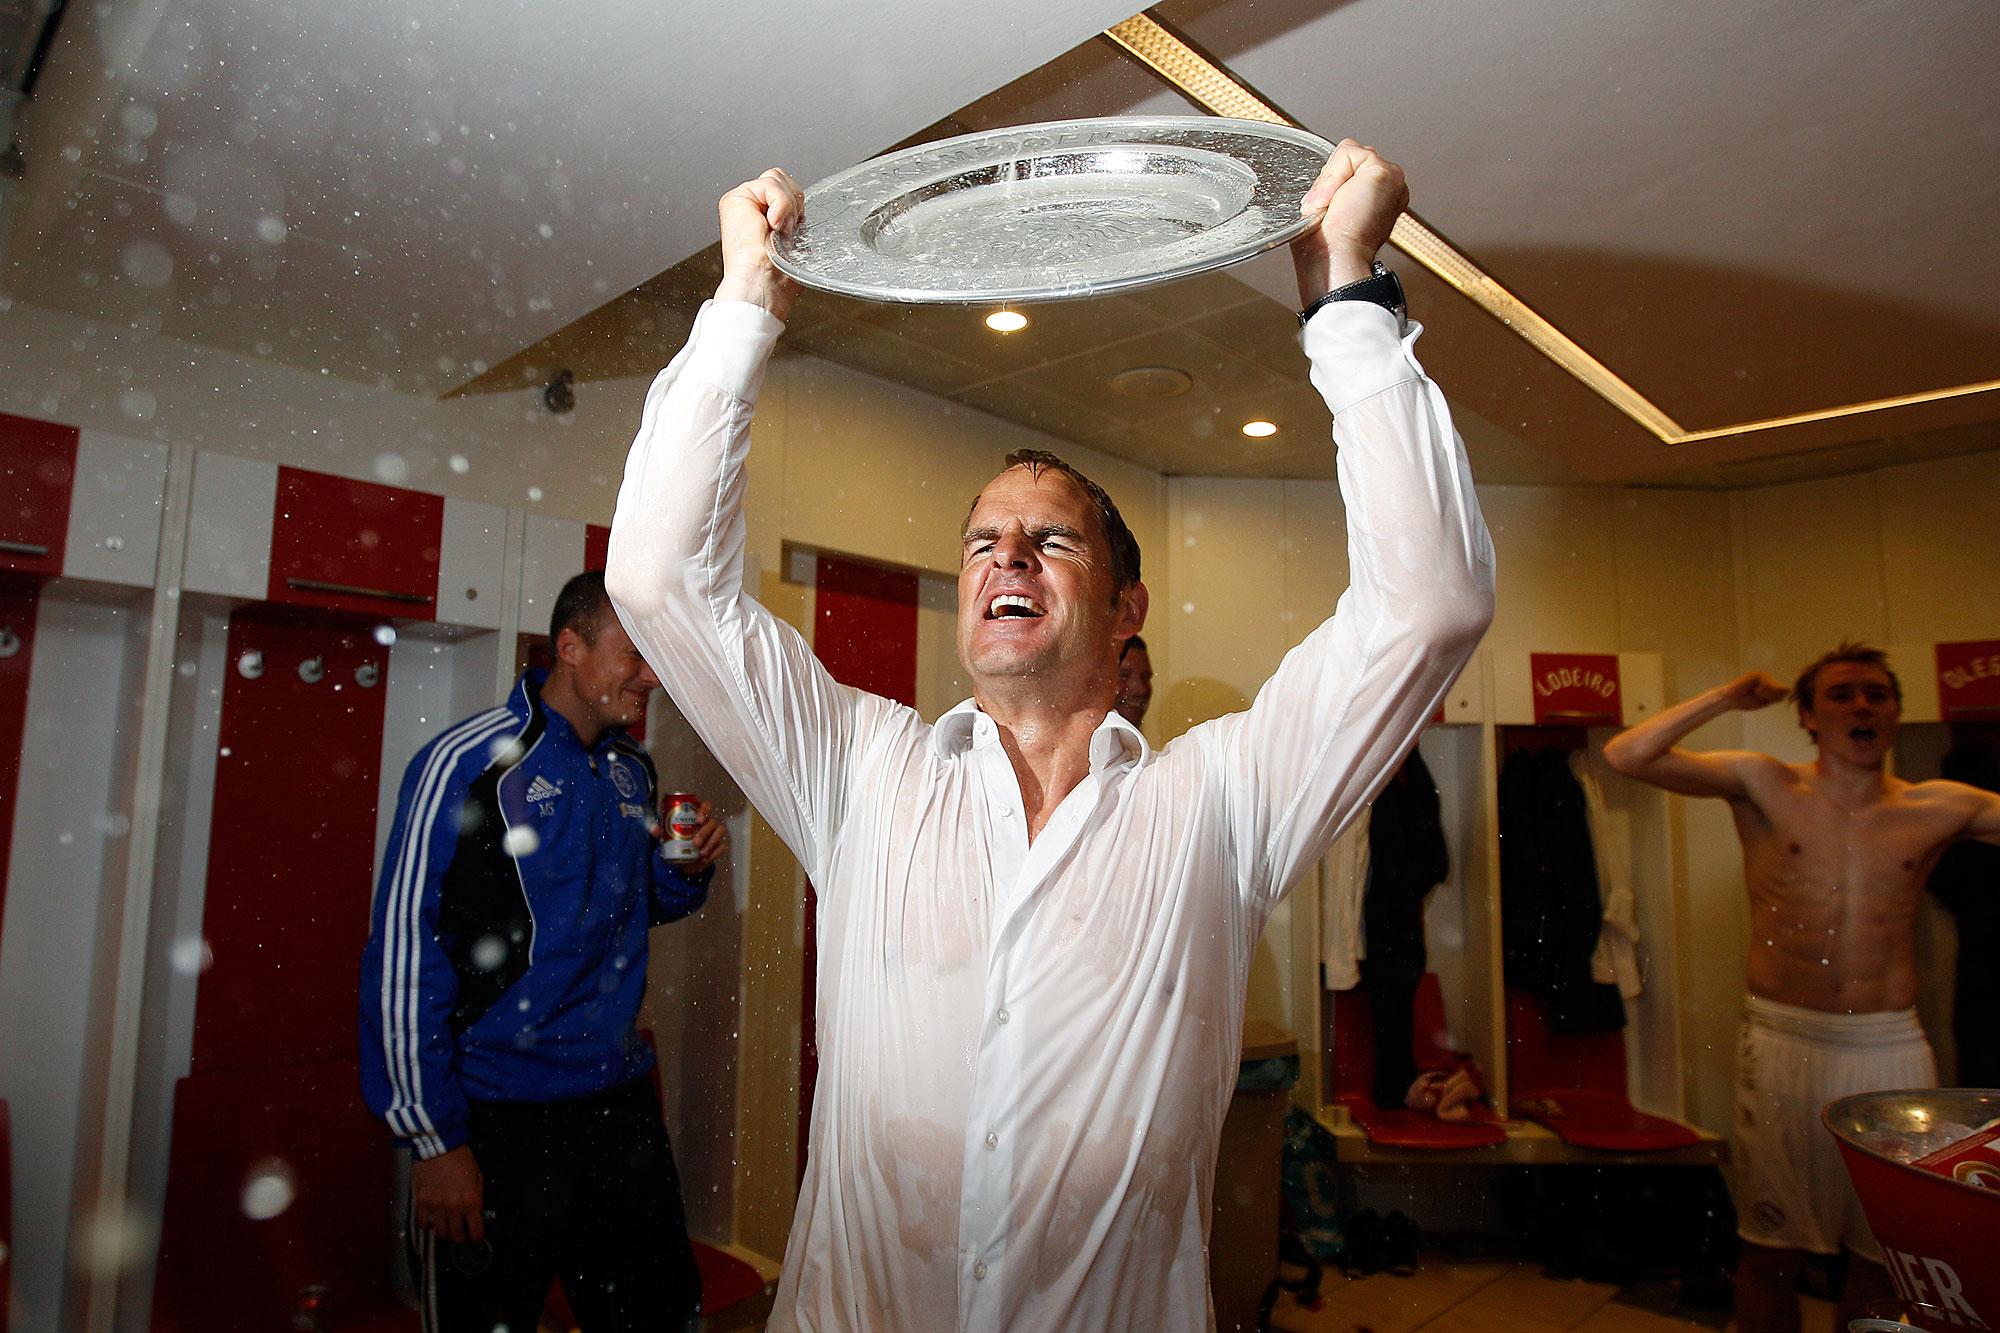 Frank de Boer voetballer met trofee